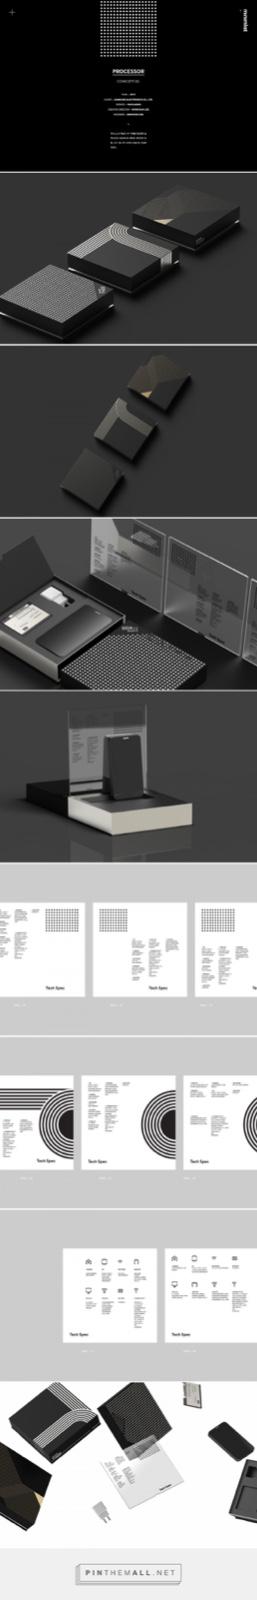 黑白灰创意室内设计参考